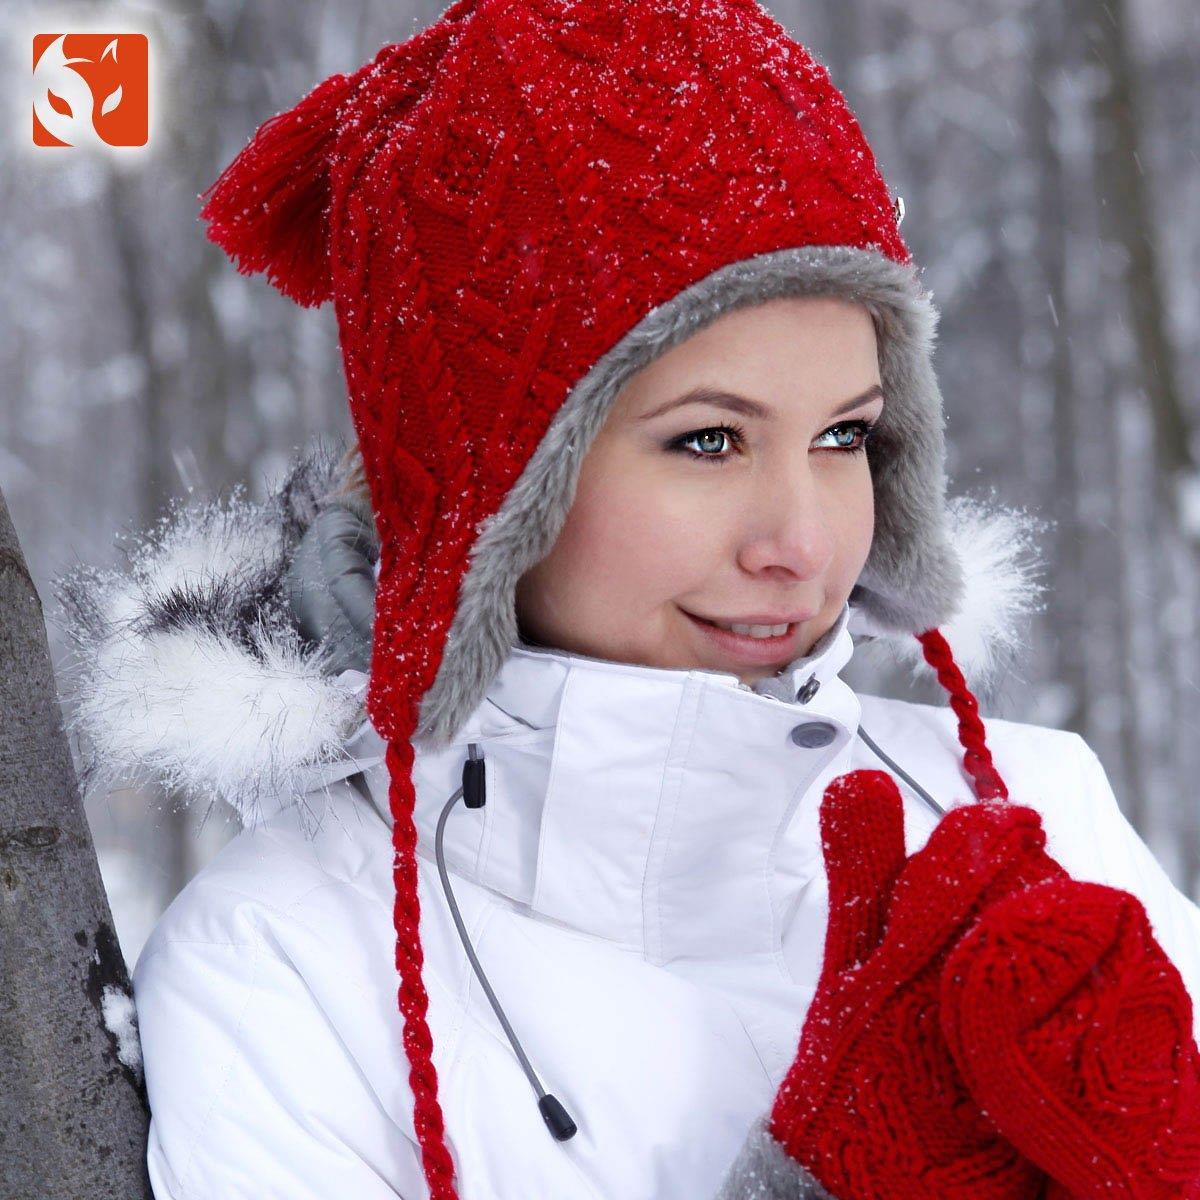 正品快乐狐狸袜套+手套+帽子组合套装超保暖护耳帽针织帽AFC-0630